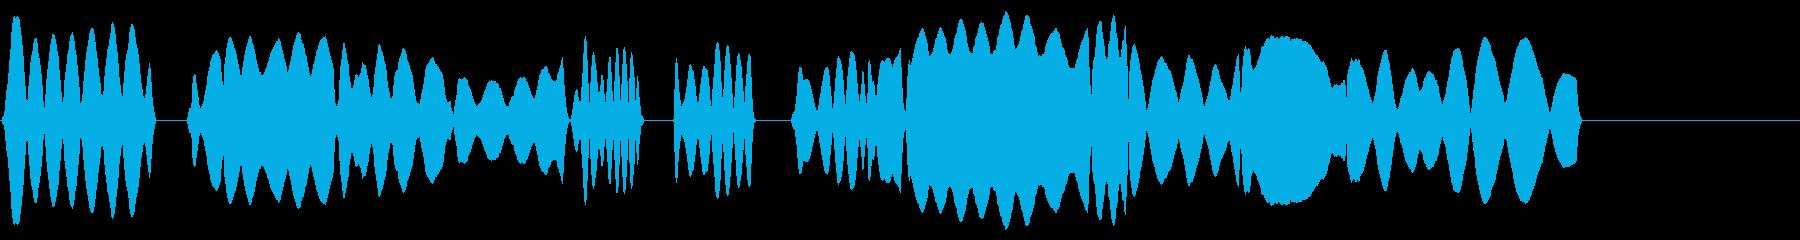 校歌風ヘタウマリコーダーのみのジングルの再生済みの波形